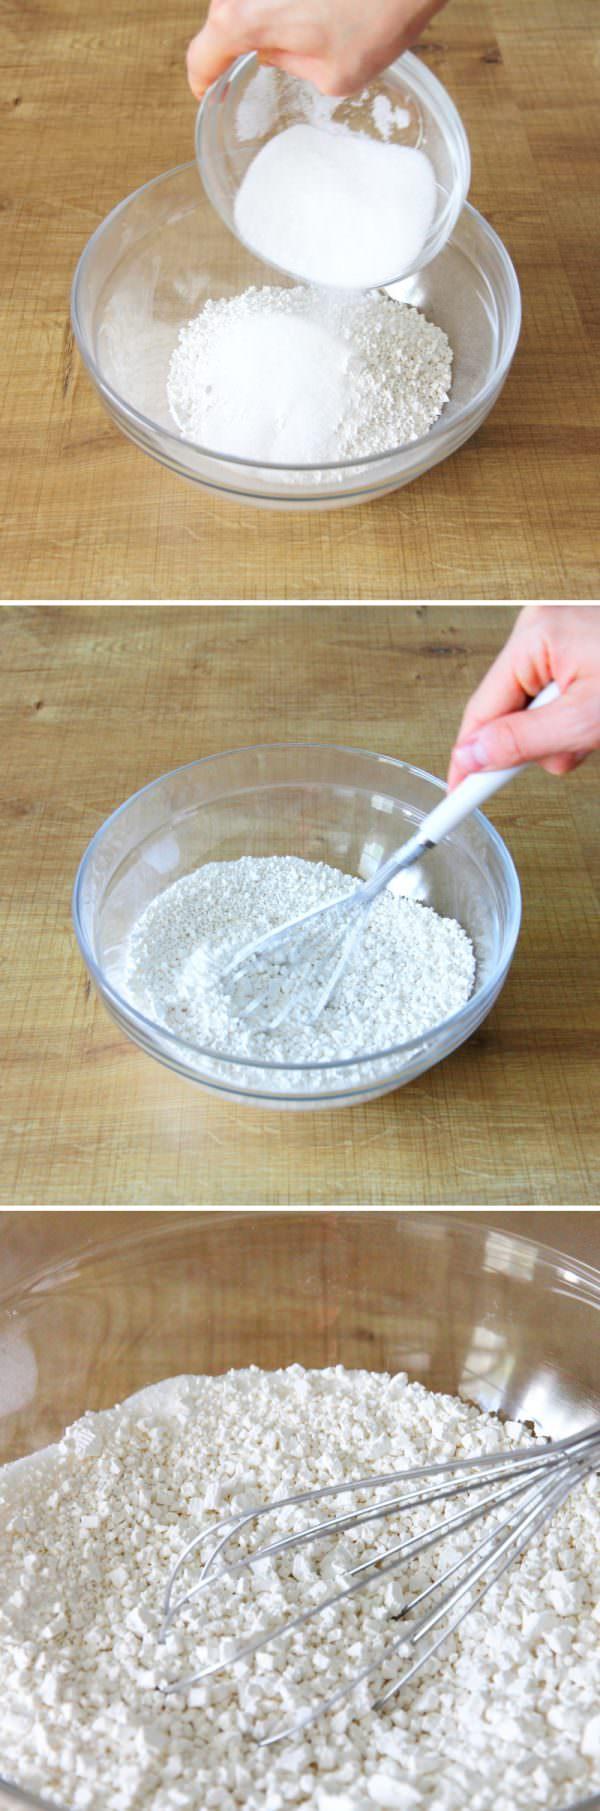 Daifuku Mochi Schritt 2 Mehl und Zucker verrühren